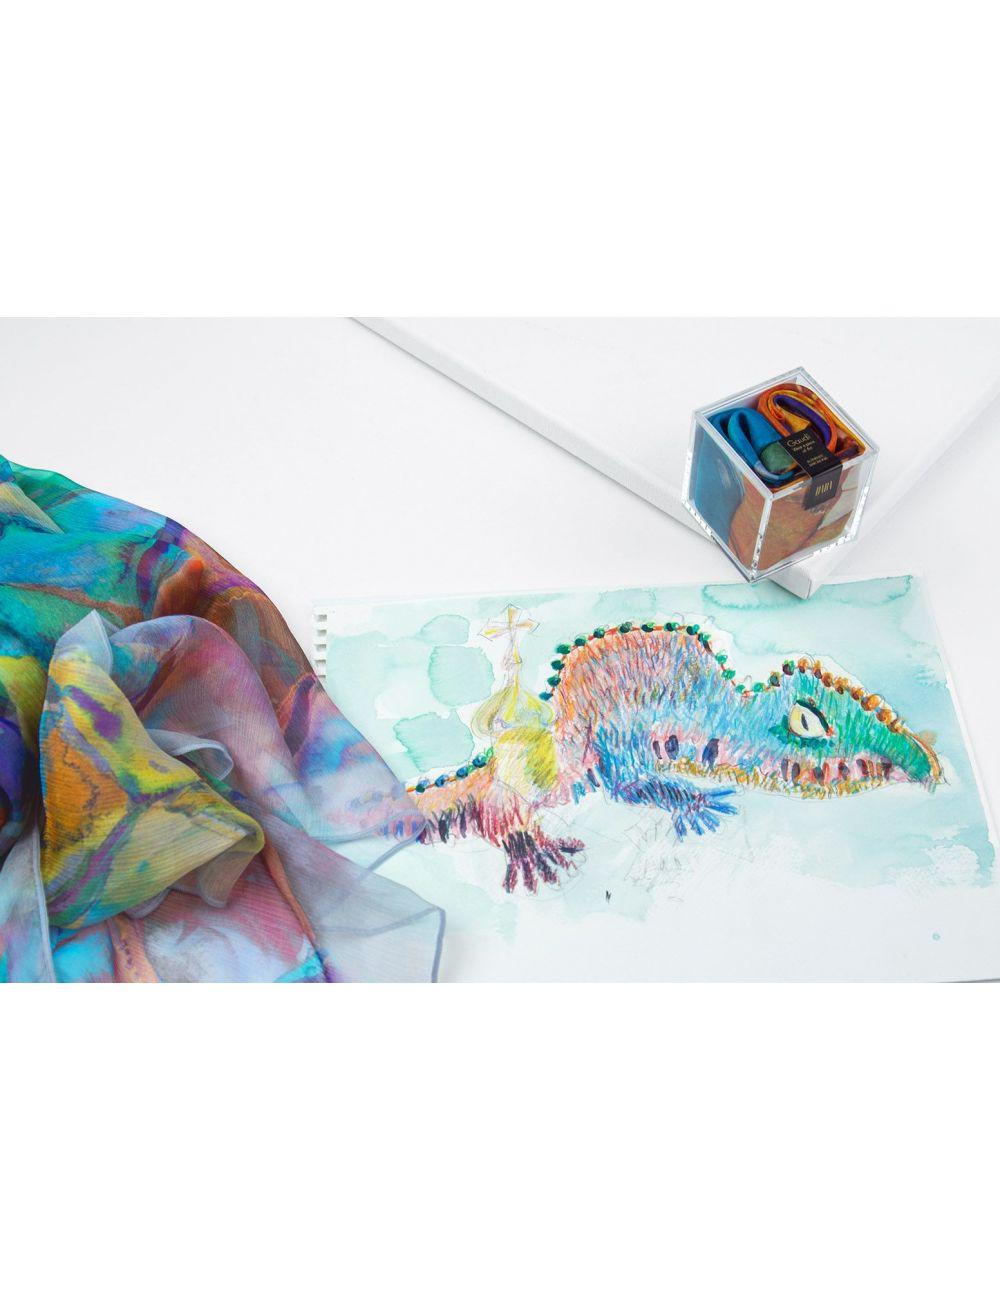 Inspiració del disseny en llapis de colors